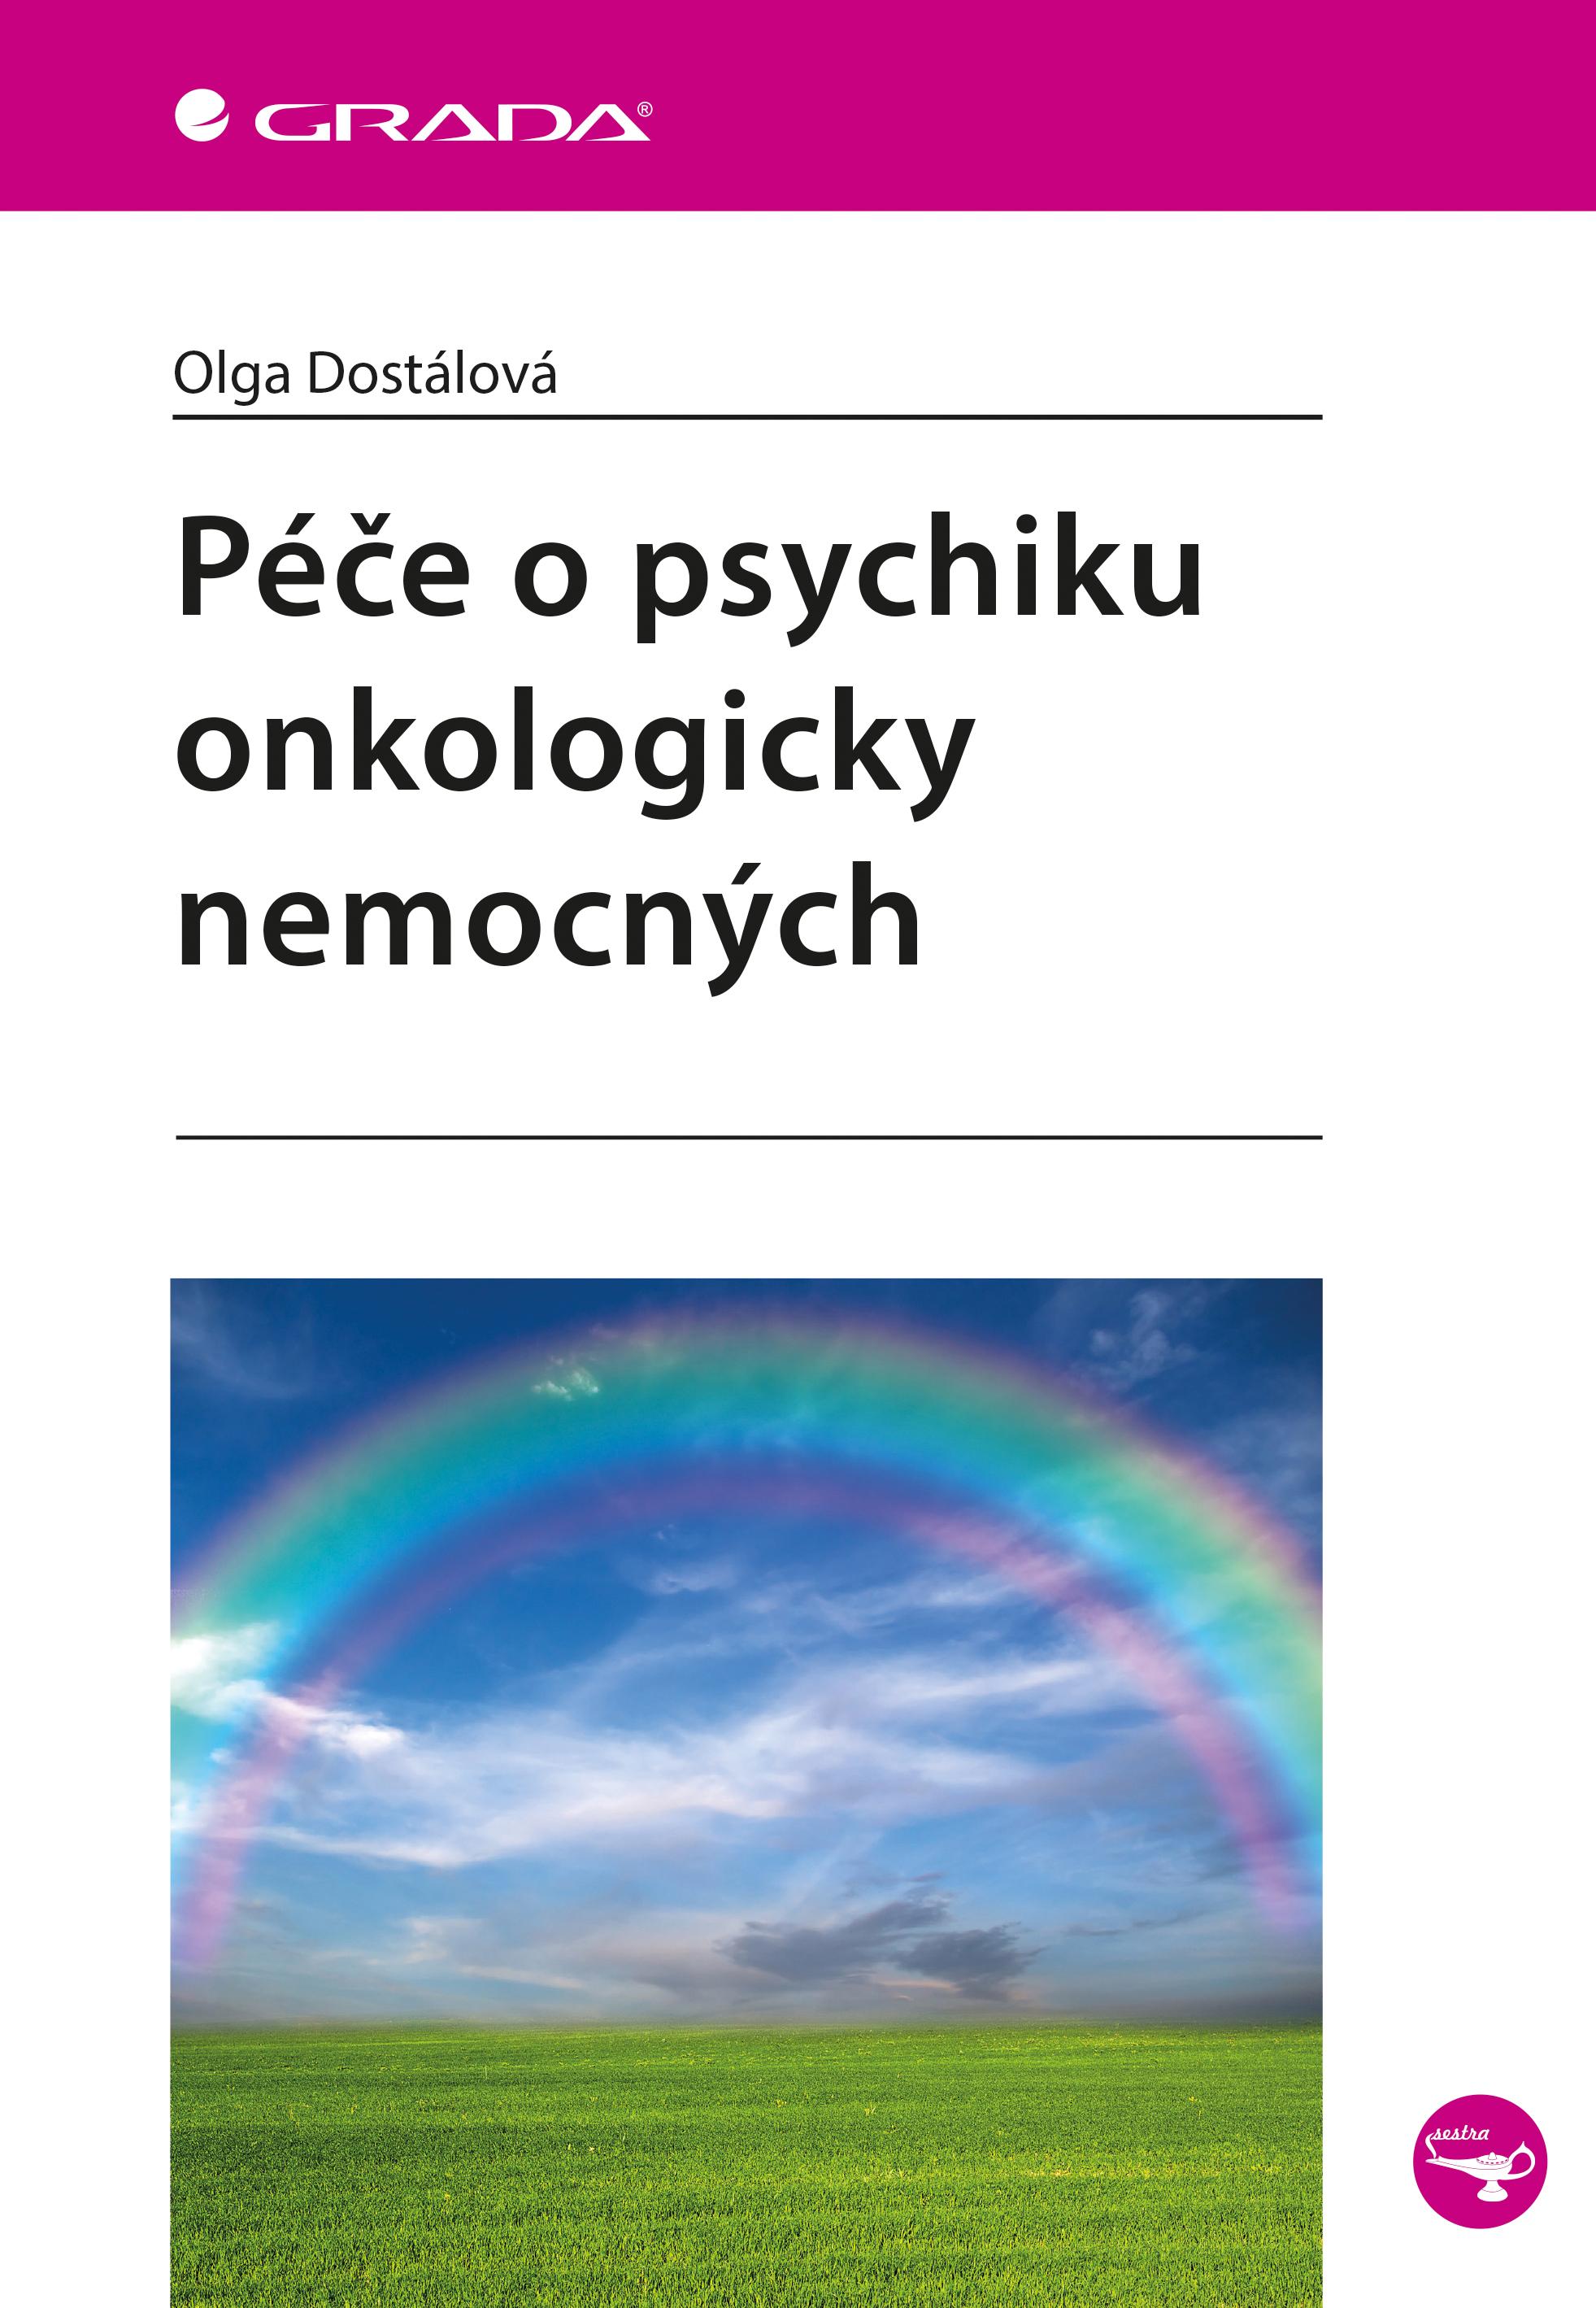 Péče o psychiku onkologicky nemocných